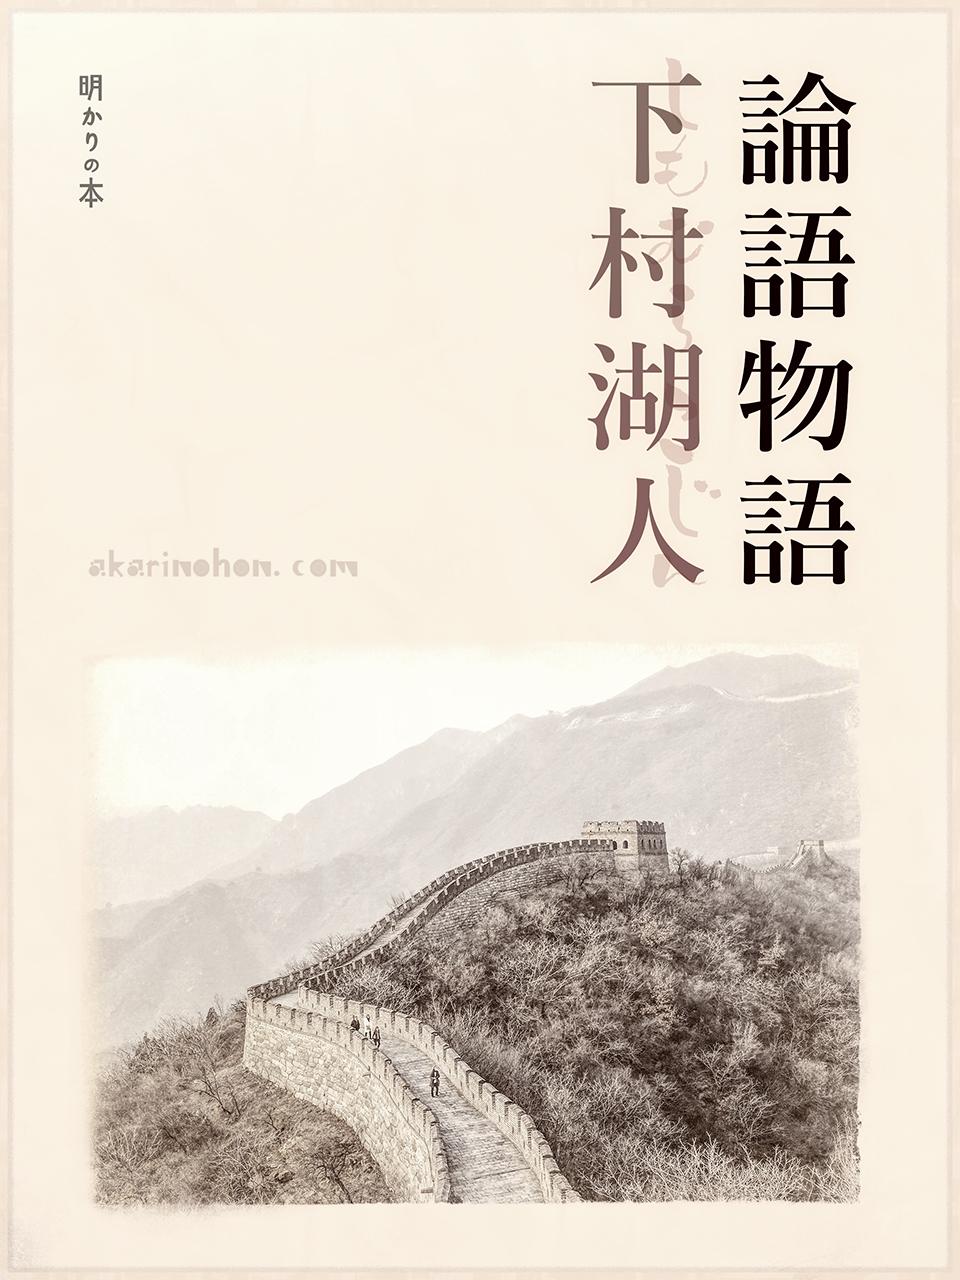 0000 - 論語物語(9) 下村湖人